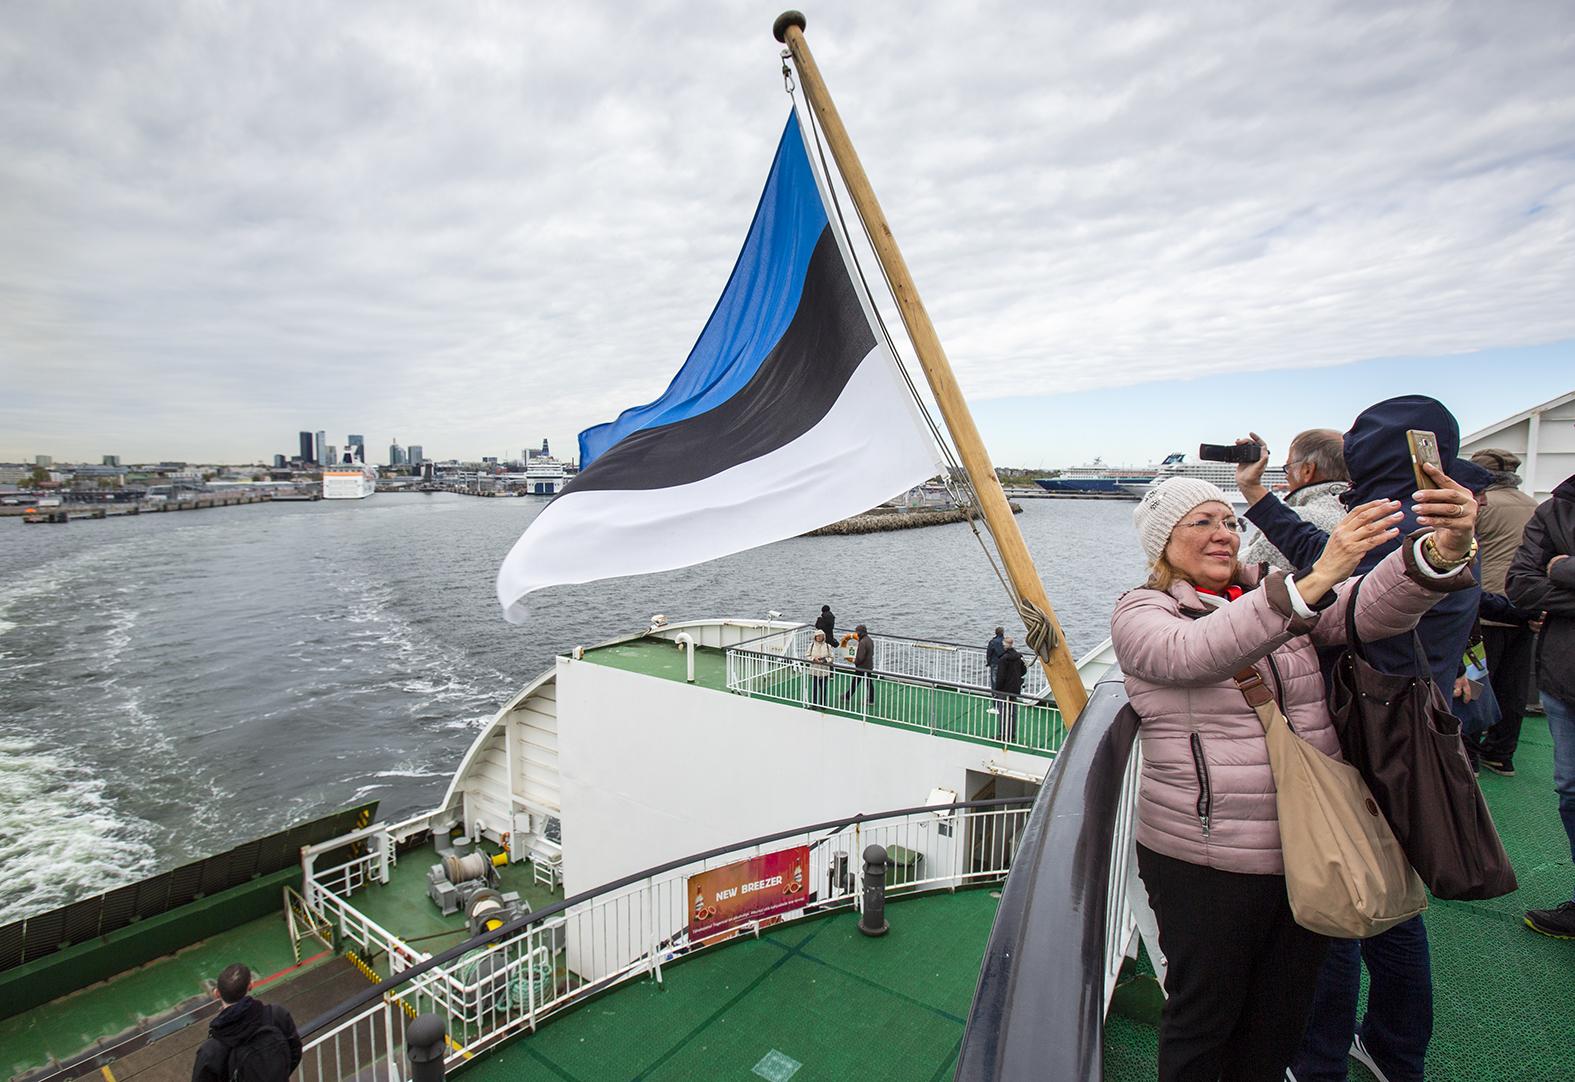 Laivan kansi on selfie-paikkojen aatelia. Kannelle pääsee sekä Starilla että Megastarilla.